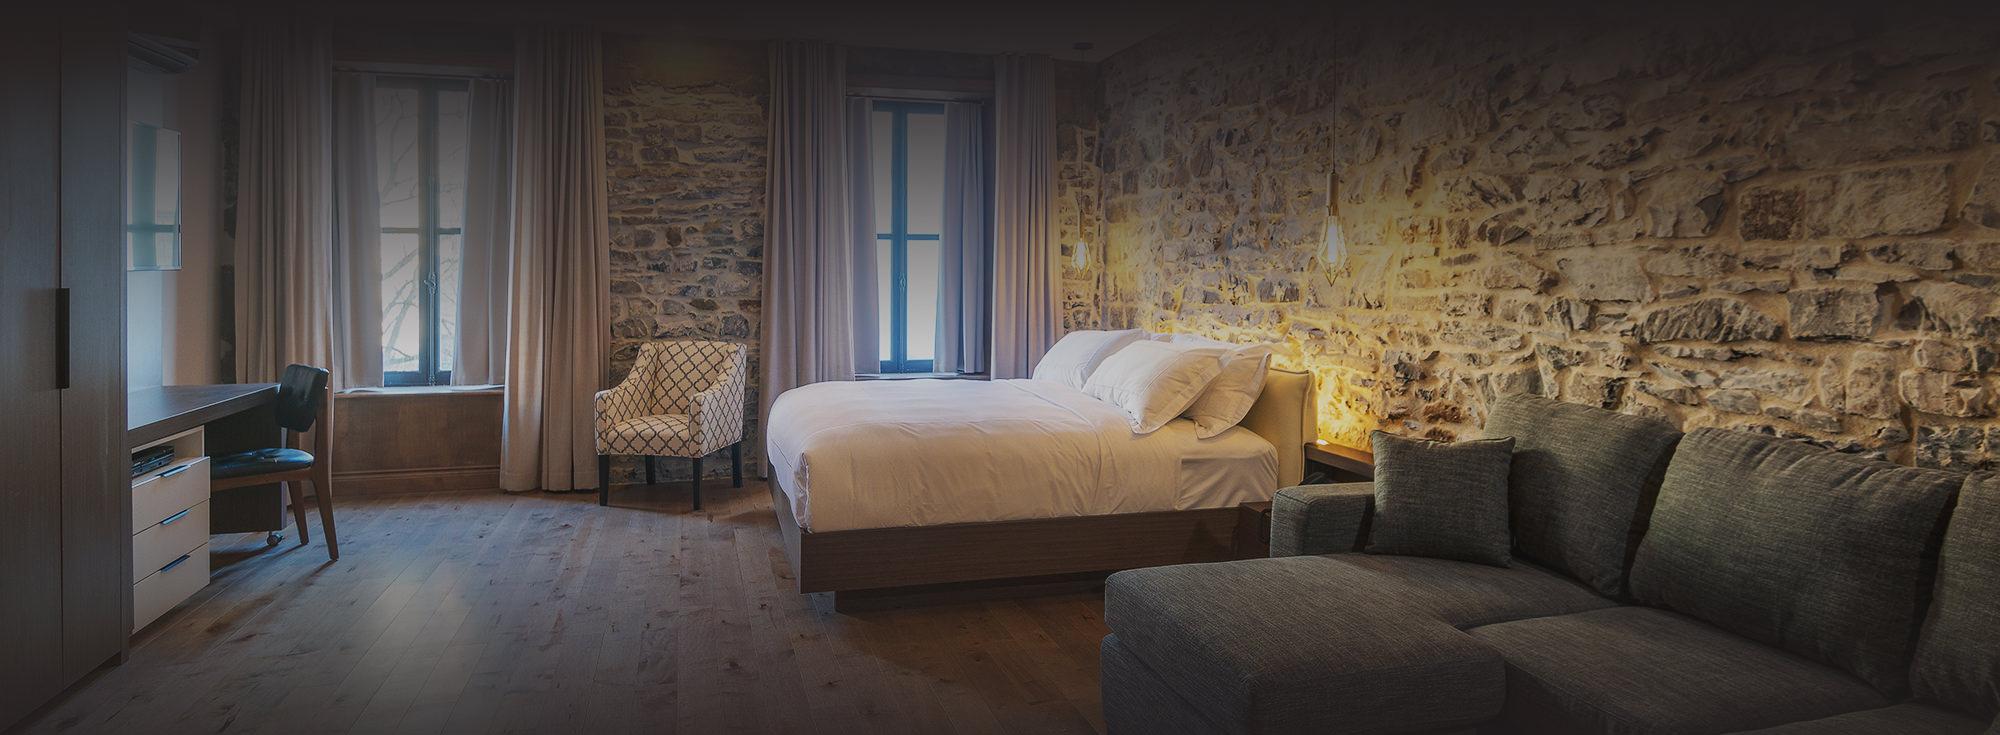 Maison-Kent_auberge-touristique_suite_254